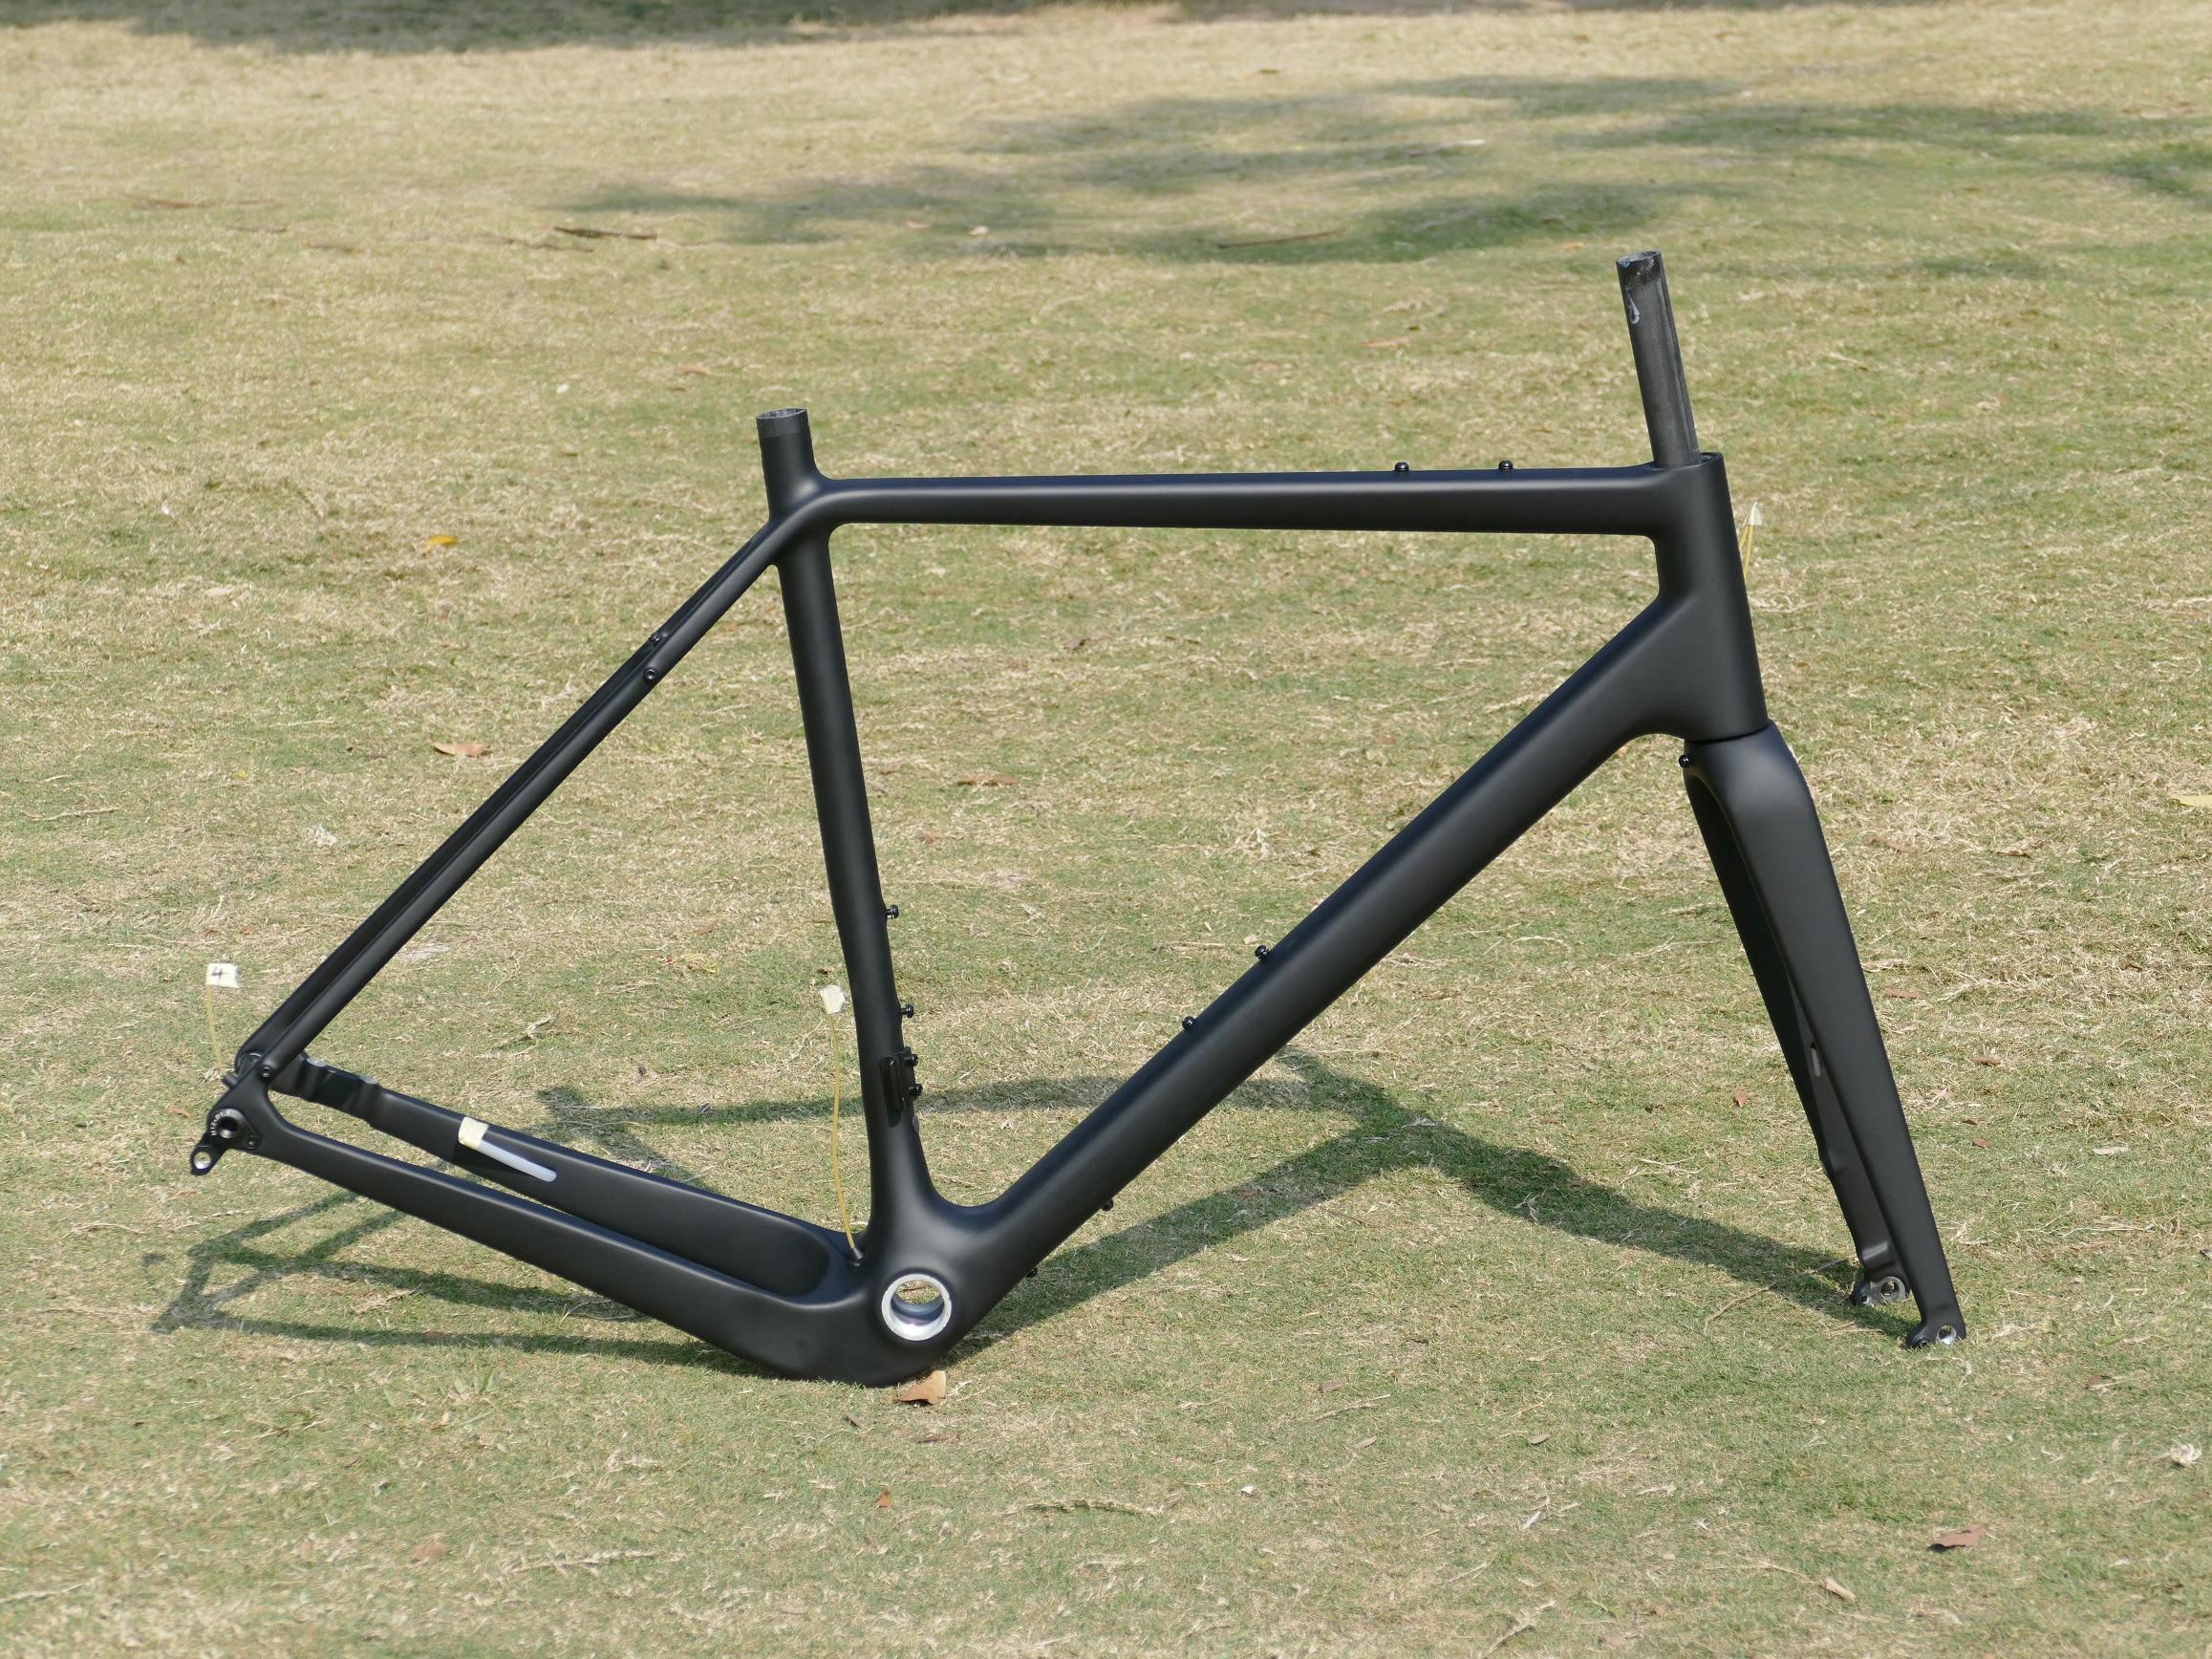 FR-3 carbono completo ud fosco bicicleta de cascalho através do eixo quadro plana montagem garfo de freio a disco 49cm , 52cm, 54cm , 56cm , 58cm ,61cm